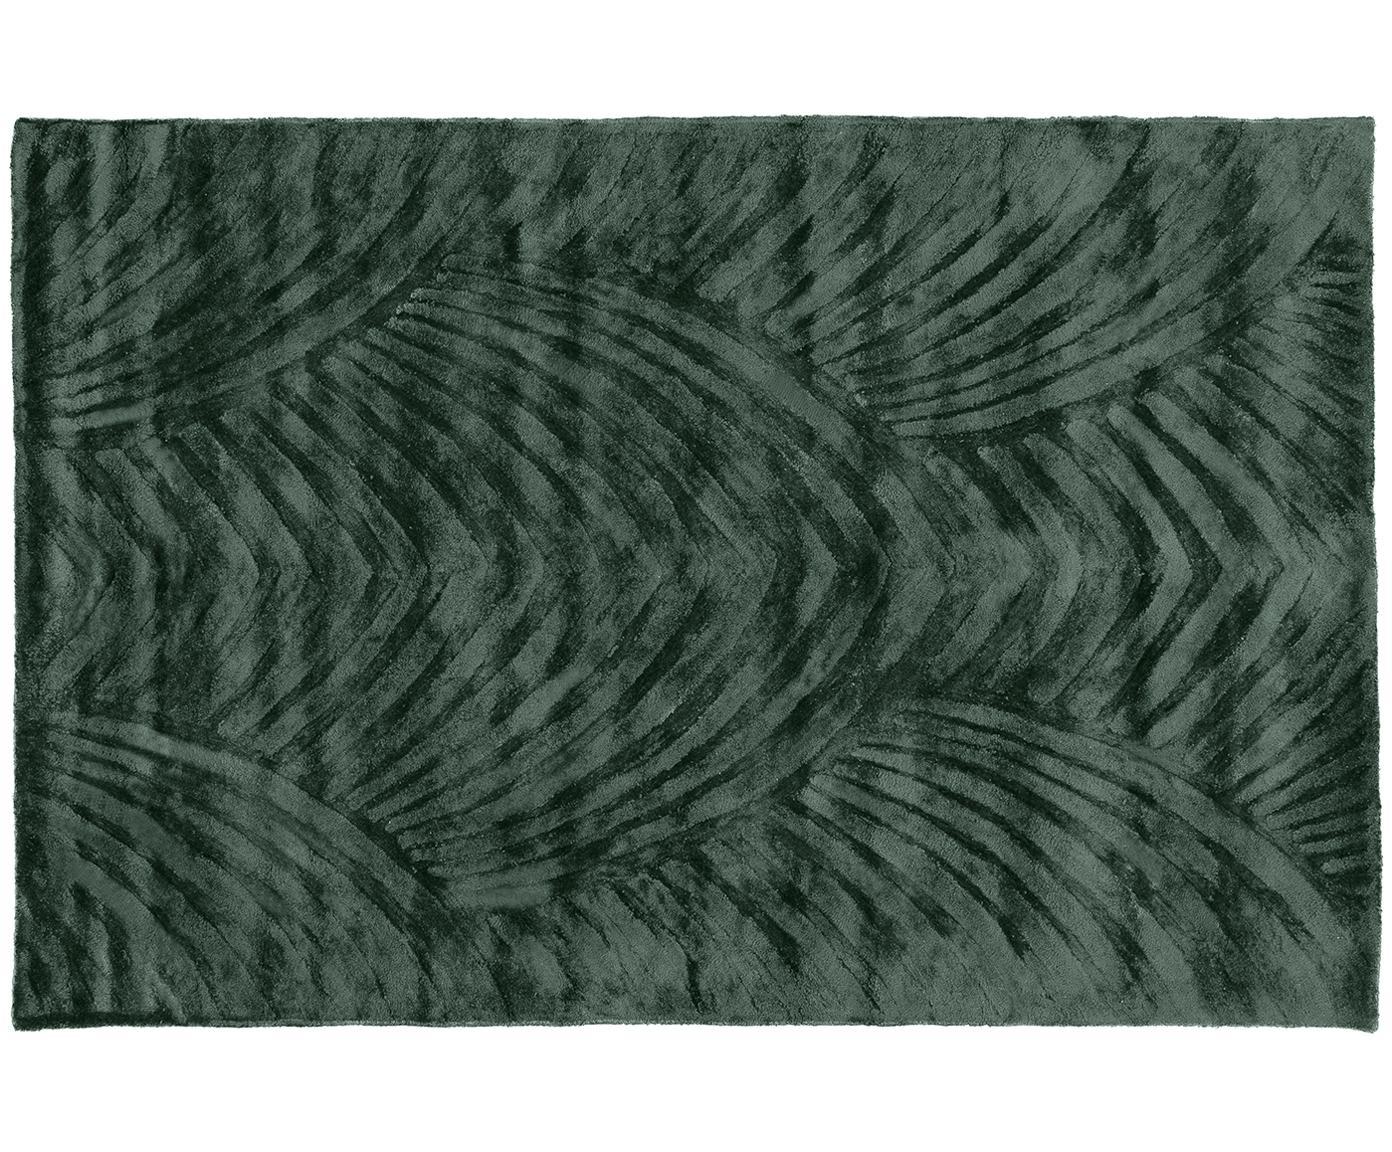 Handgetufteter Viskoseteppich Bloom in Dunkelgrün mit Muster, Flor: 100% Viskose, Dunkelgrün, B 120 x L 180 cm (Grösse S)